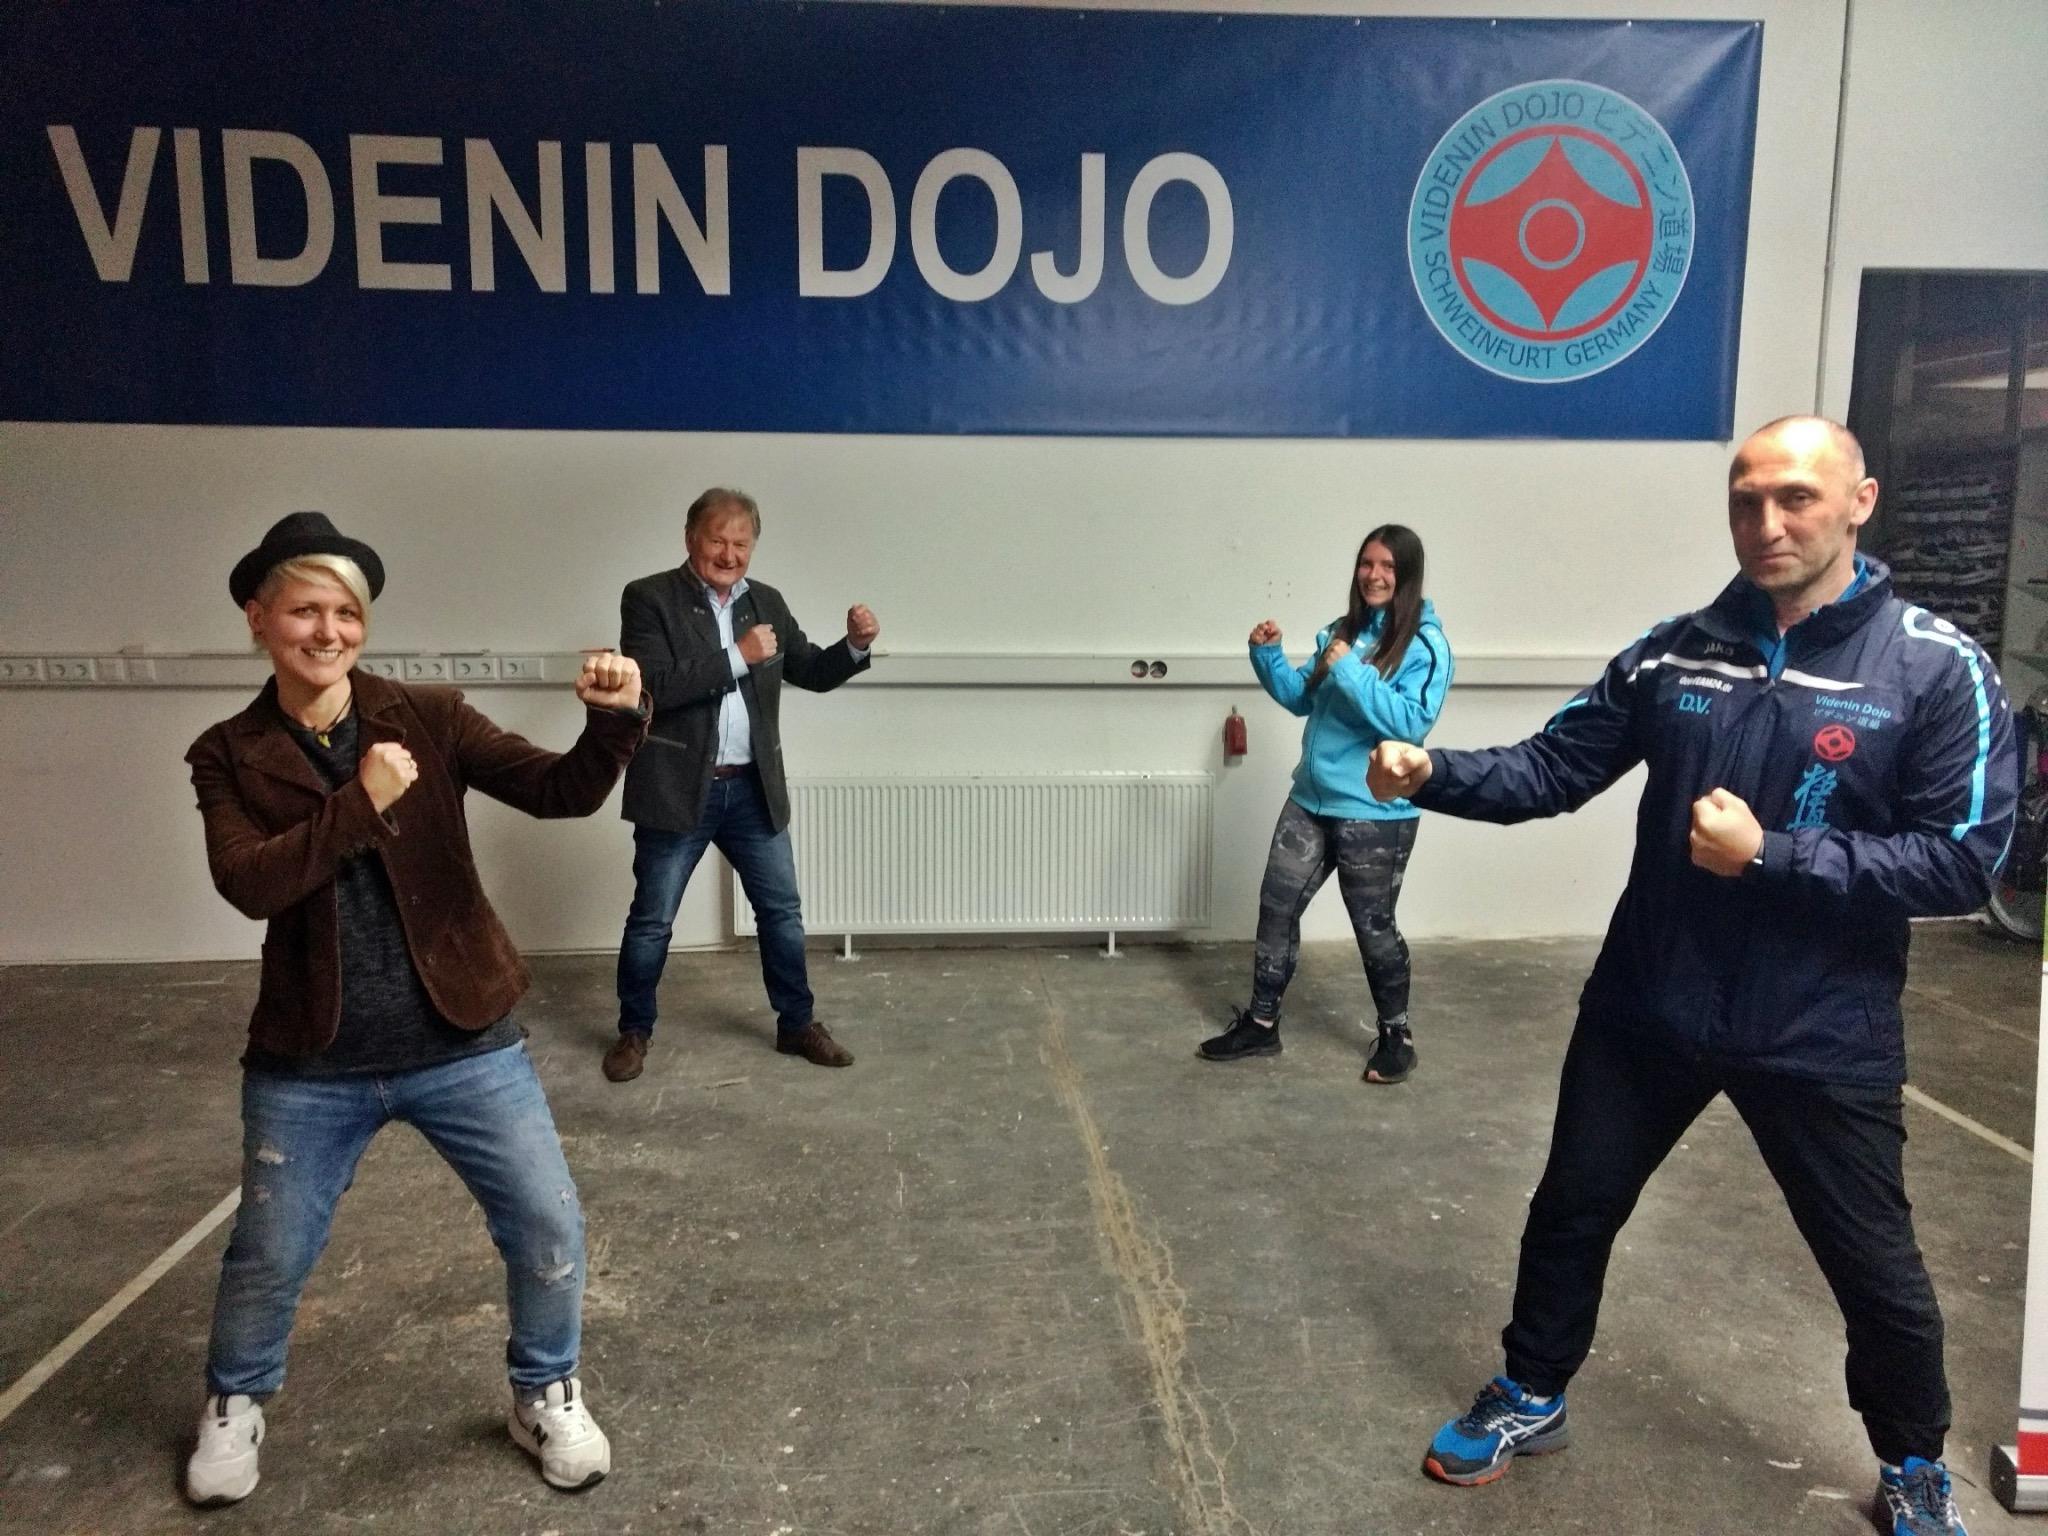 Musikerin Steffi List, Stefan Labus, Andrea Schmidt und Dmitrij Videnin (von links). Foto: Bundesverband Deutsche Kindertafel e.V.